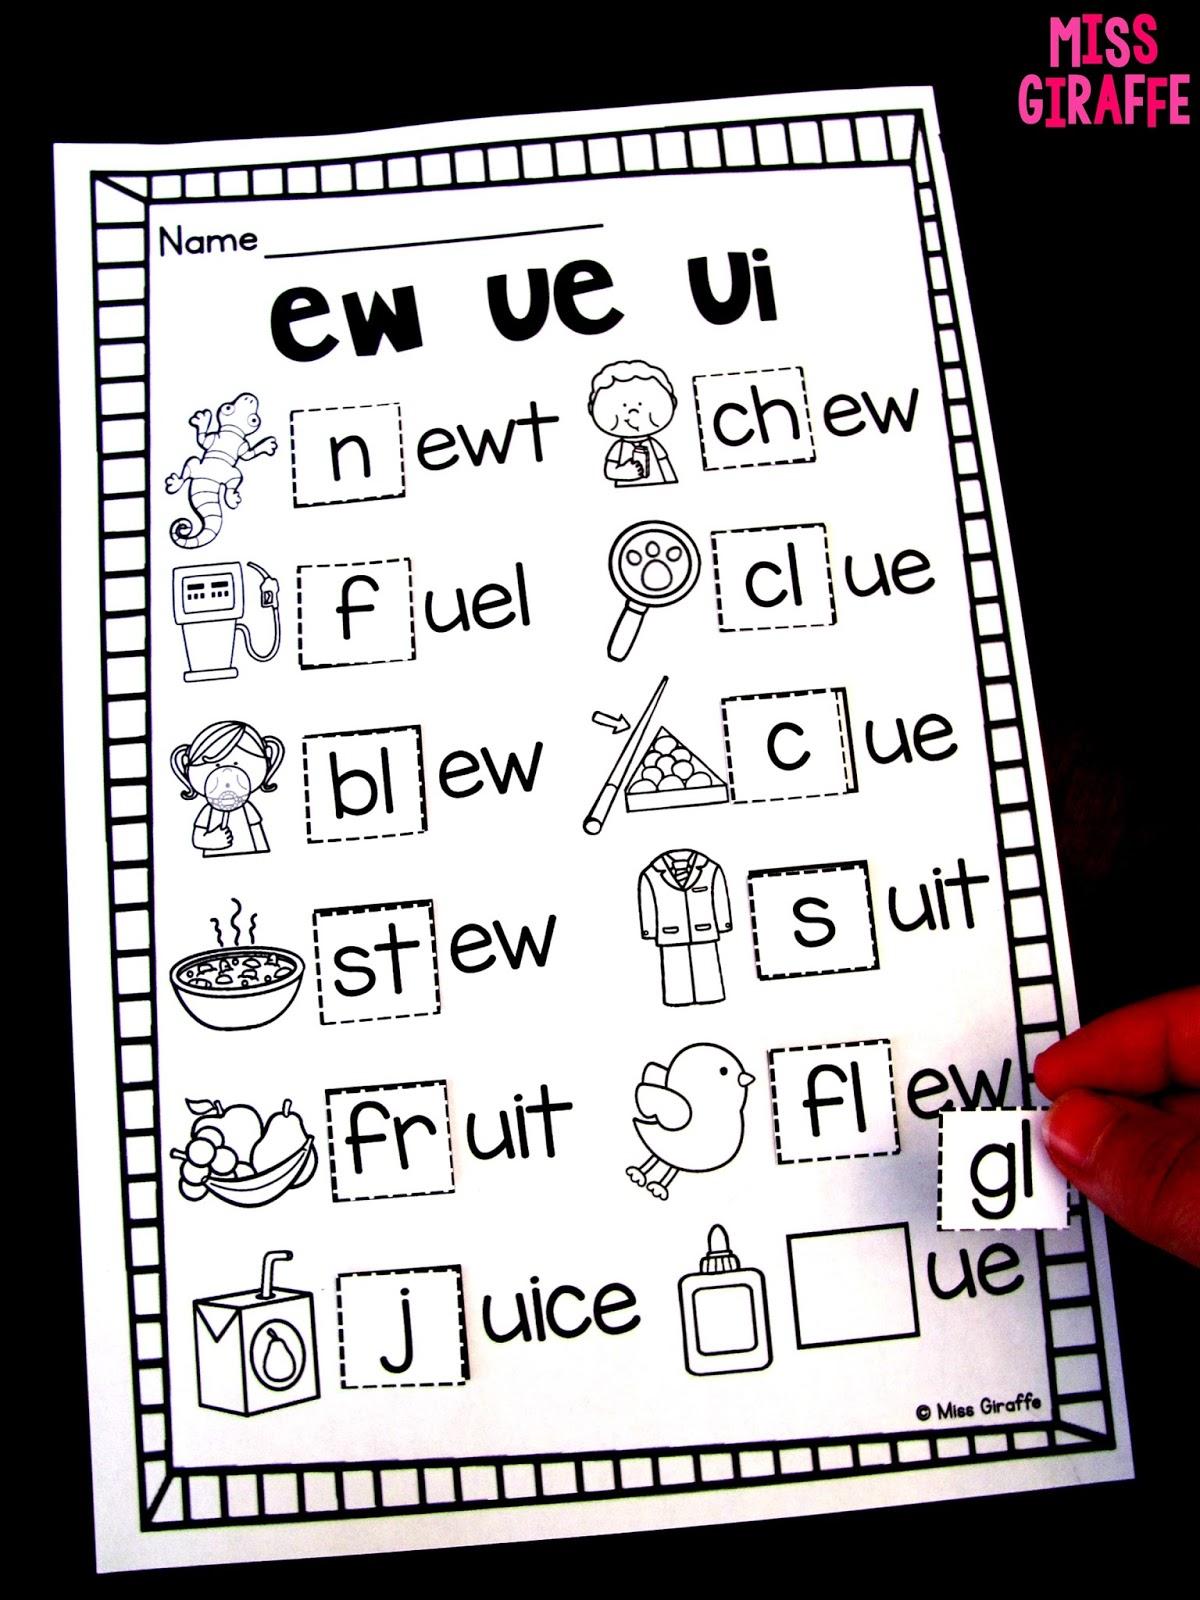 Miss Giraffe's Class: EW UE UI Activities [ 1600 x 1200 Pixel ]